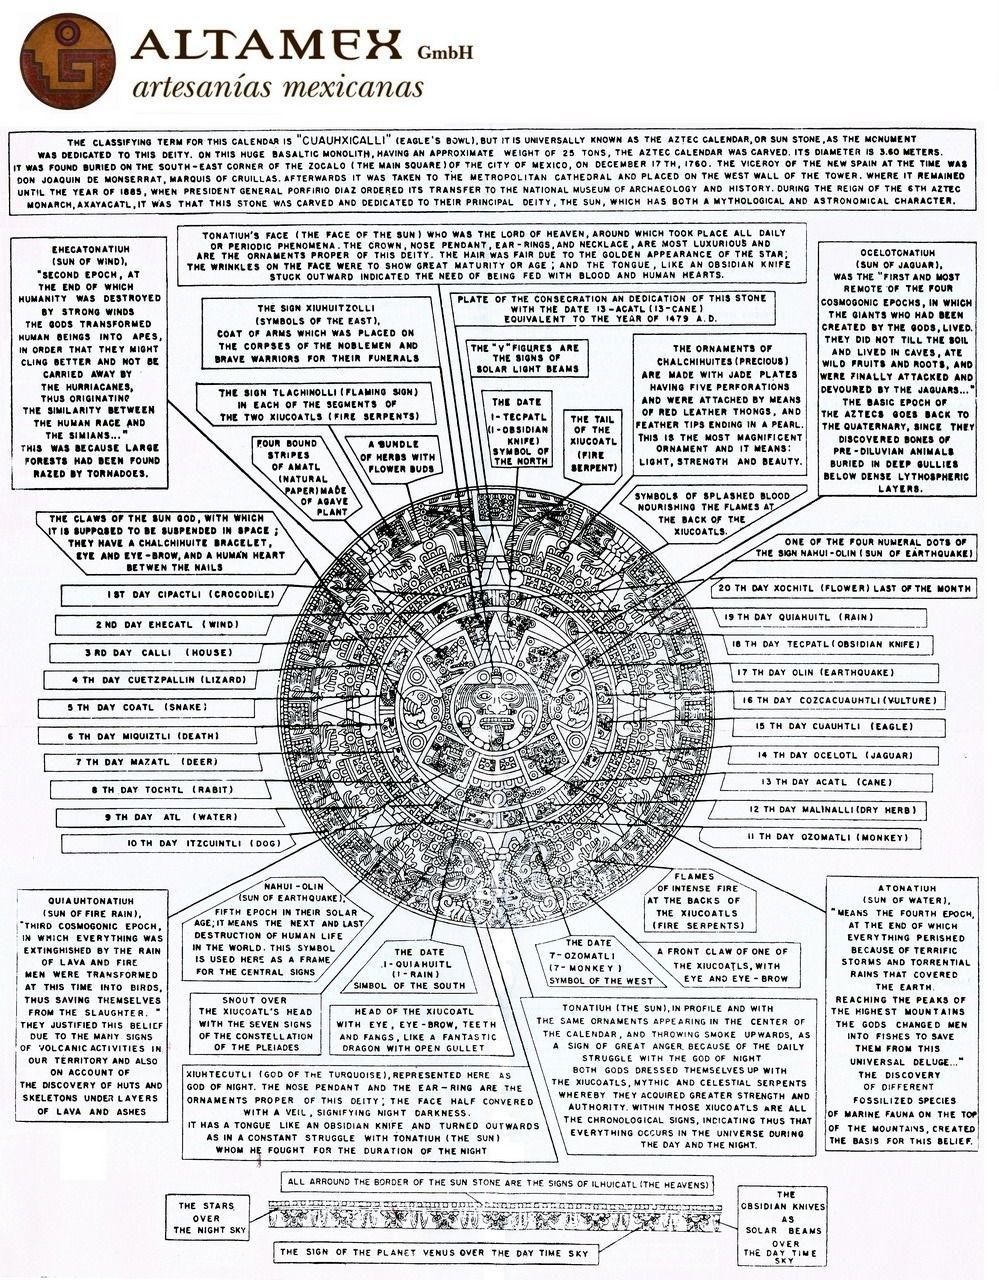 How To Read The Aztec Callender | Mayan Calendar, Aztec